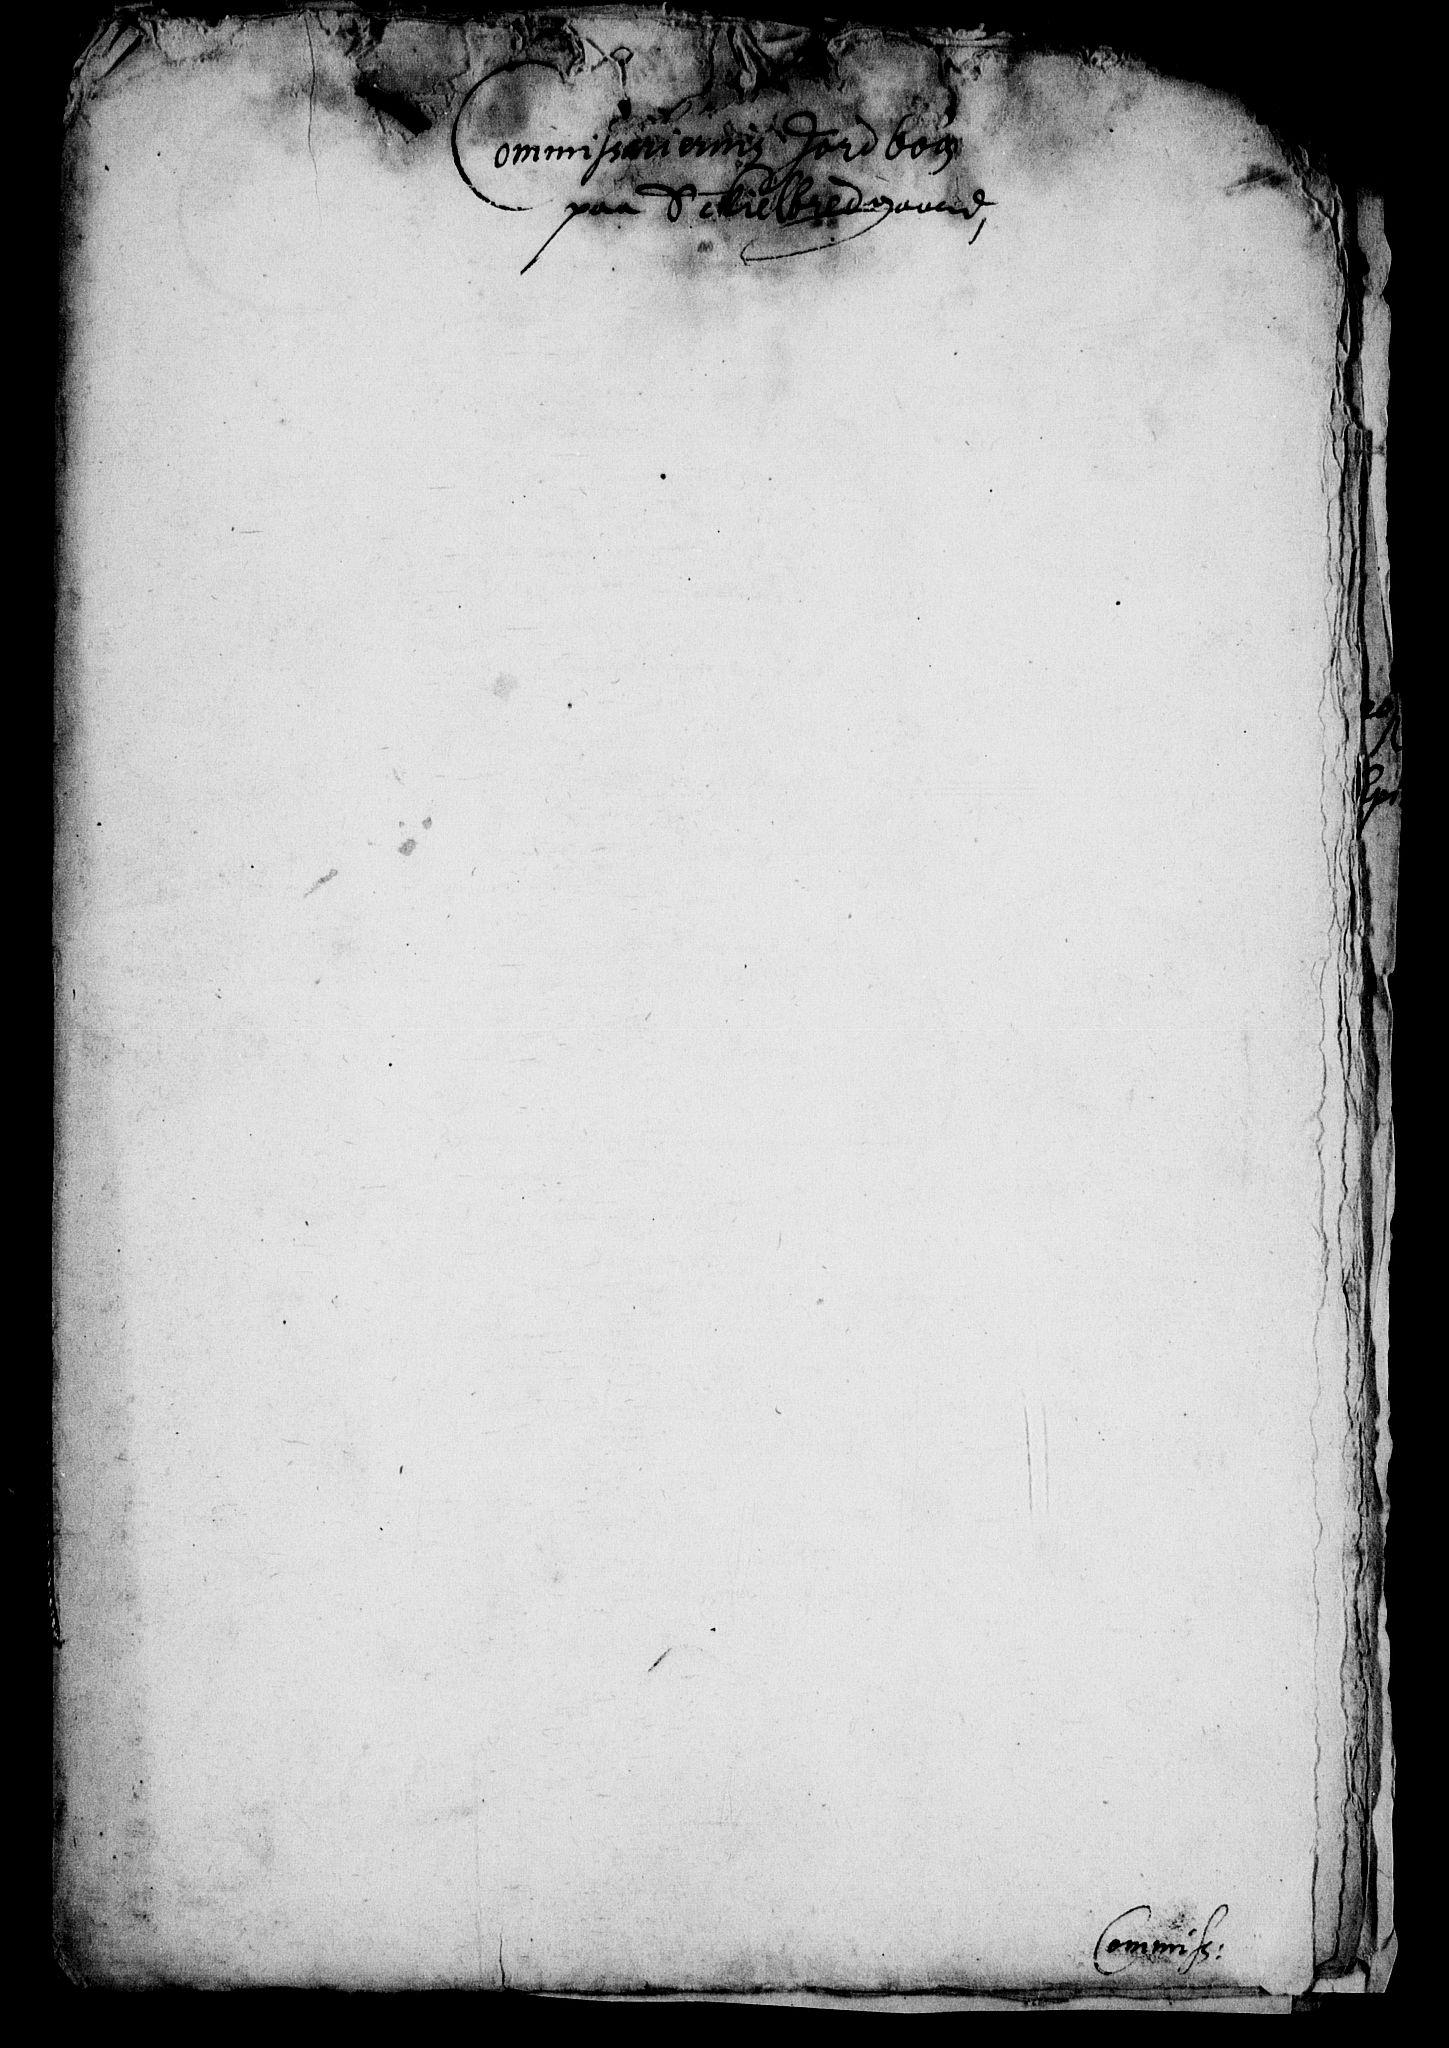 RA, Rentekammeret inntil 1814, Realistisk ordnet avdeling, On/L0008: [Jj 9]: Jordebøker innlevert til kongelig kommisjon 1672: Hammar, Osgård, Sem med Skjelbred, Fossesholm, Fiskum og Ulland (1669-1672), Strøm (1658-u.d. og 1672-73) samt Svanøy gods i Sunnfjord (1657)., 1672, s. 160